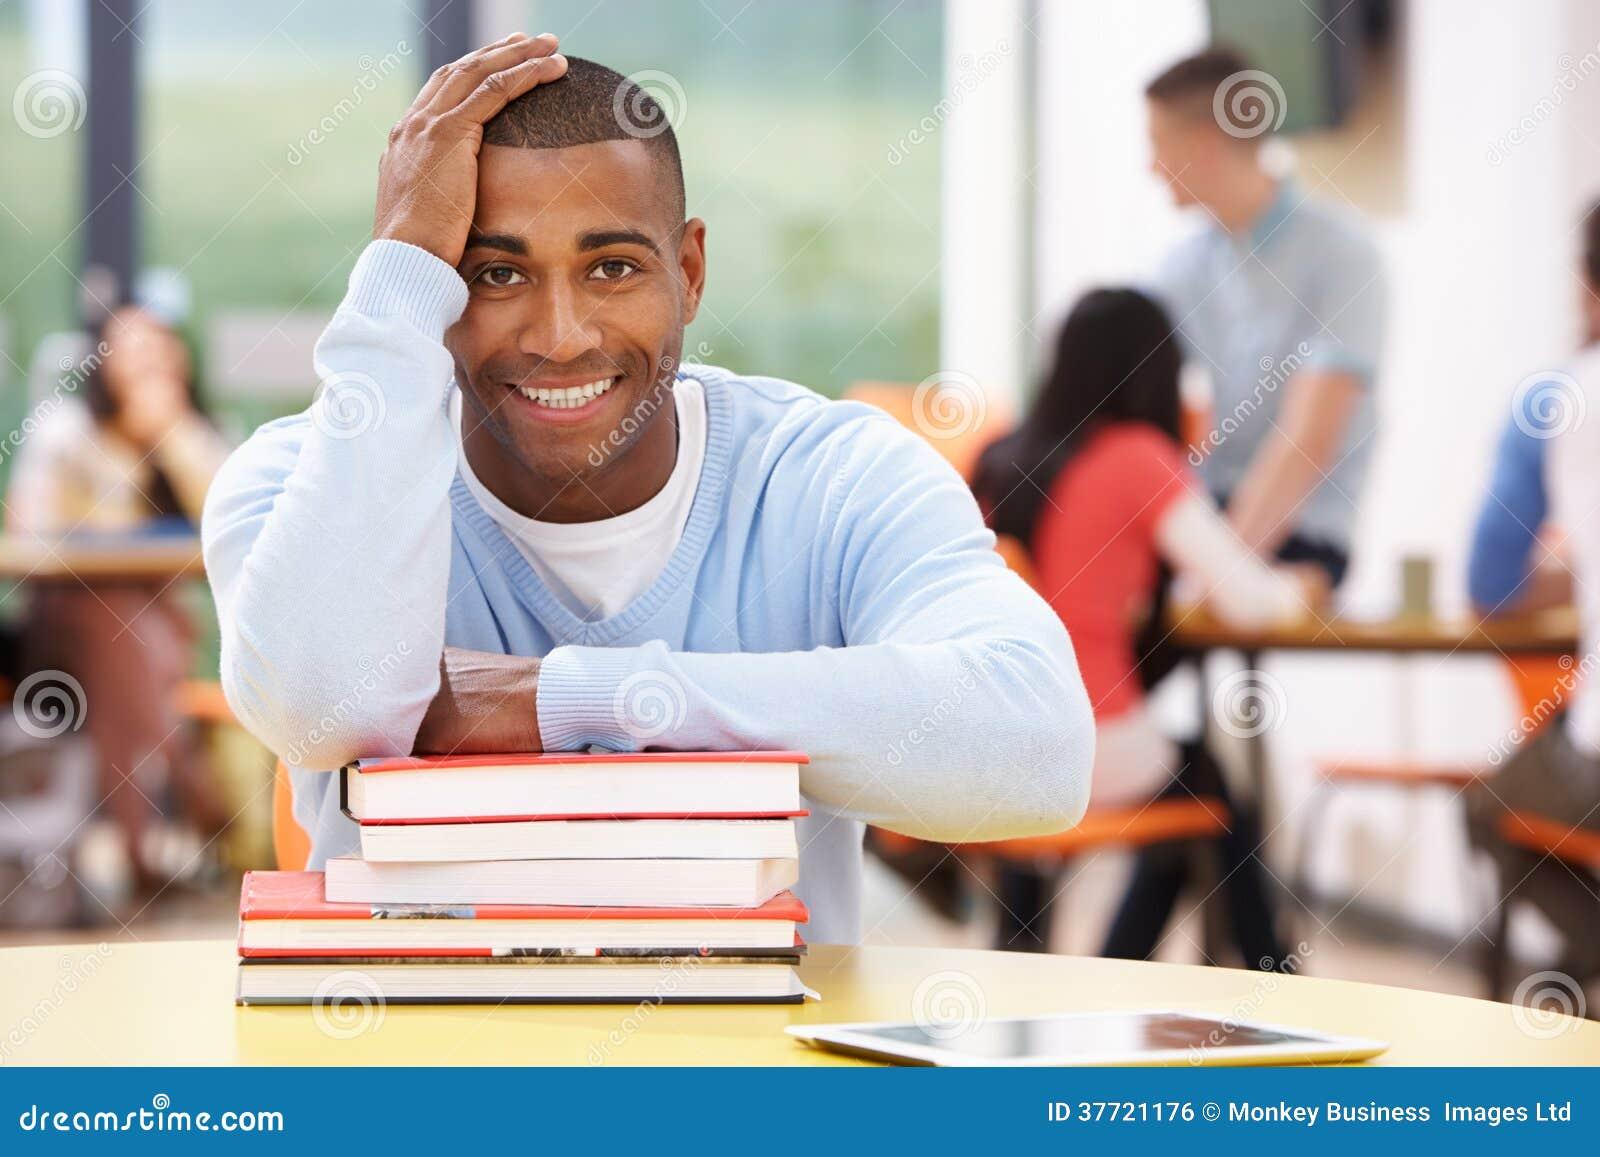 Estudiante masculino Studying In Classroom con los libros